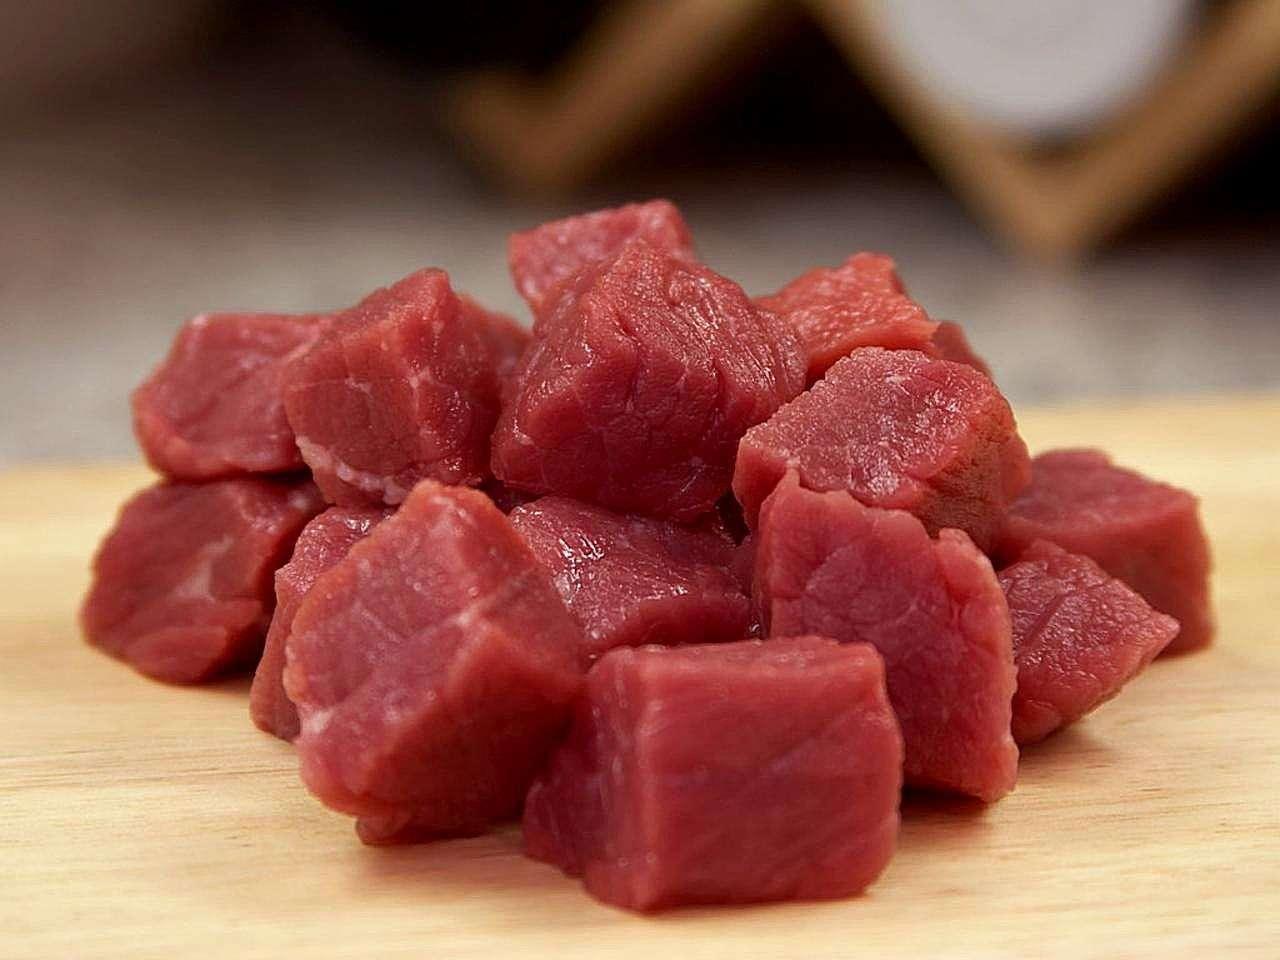 La viande rouge doit sa couleur à la myoglobine, une protéine animale capable de lier et de transporter l'oxygène grâce à son cœur en fer. Sur le long terme, ce métal pourrait s'accumuler et engendrer en fin de vie la maladie d'Alzheimer. © Jon Sullivan, www.public-domain-images.com, DP